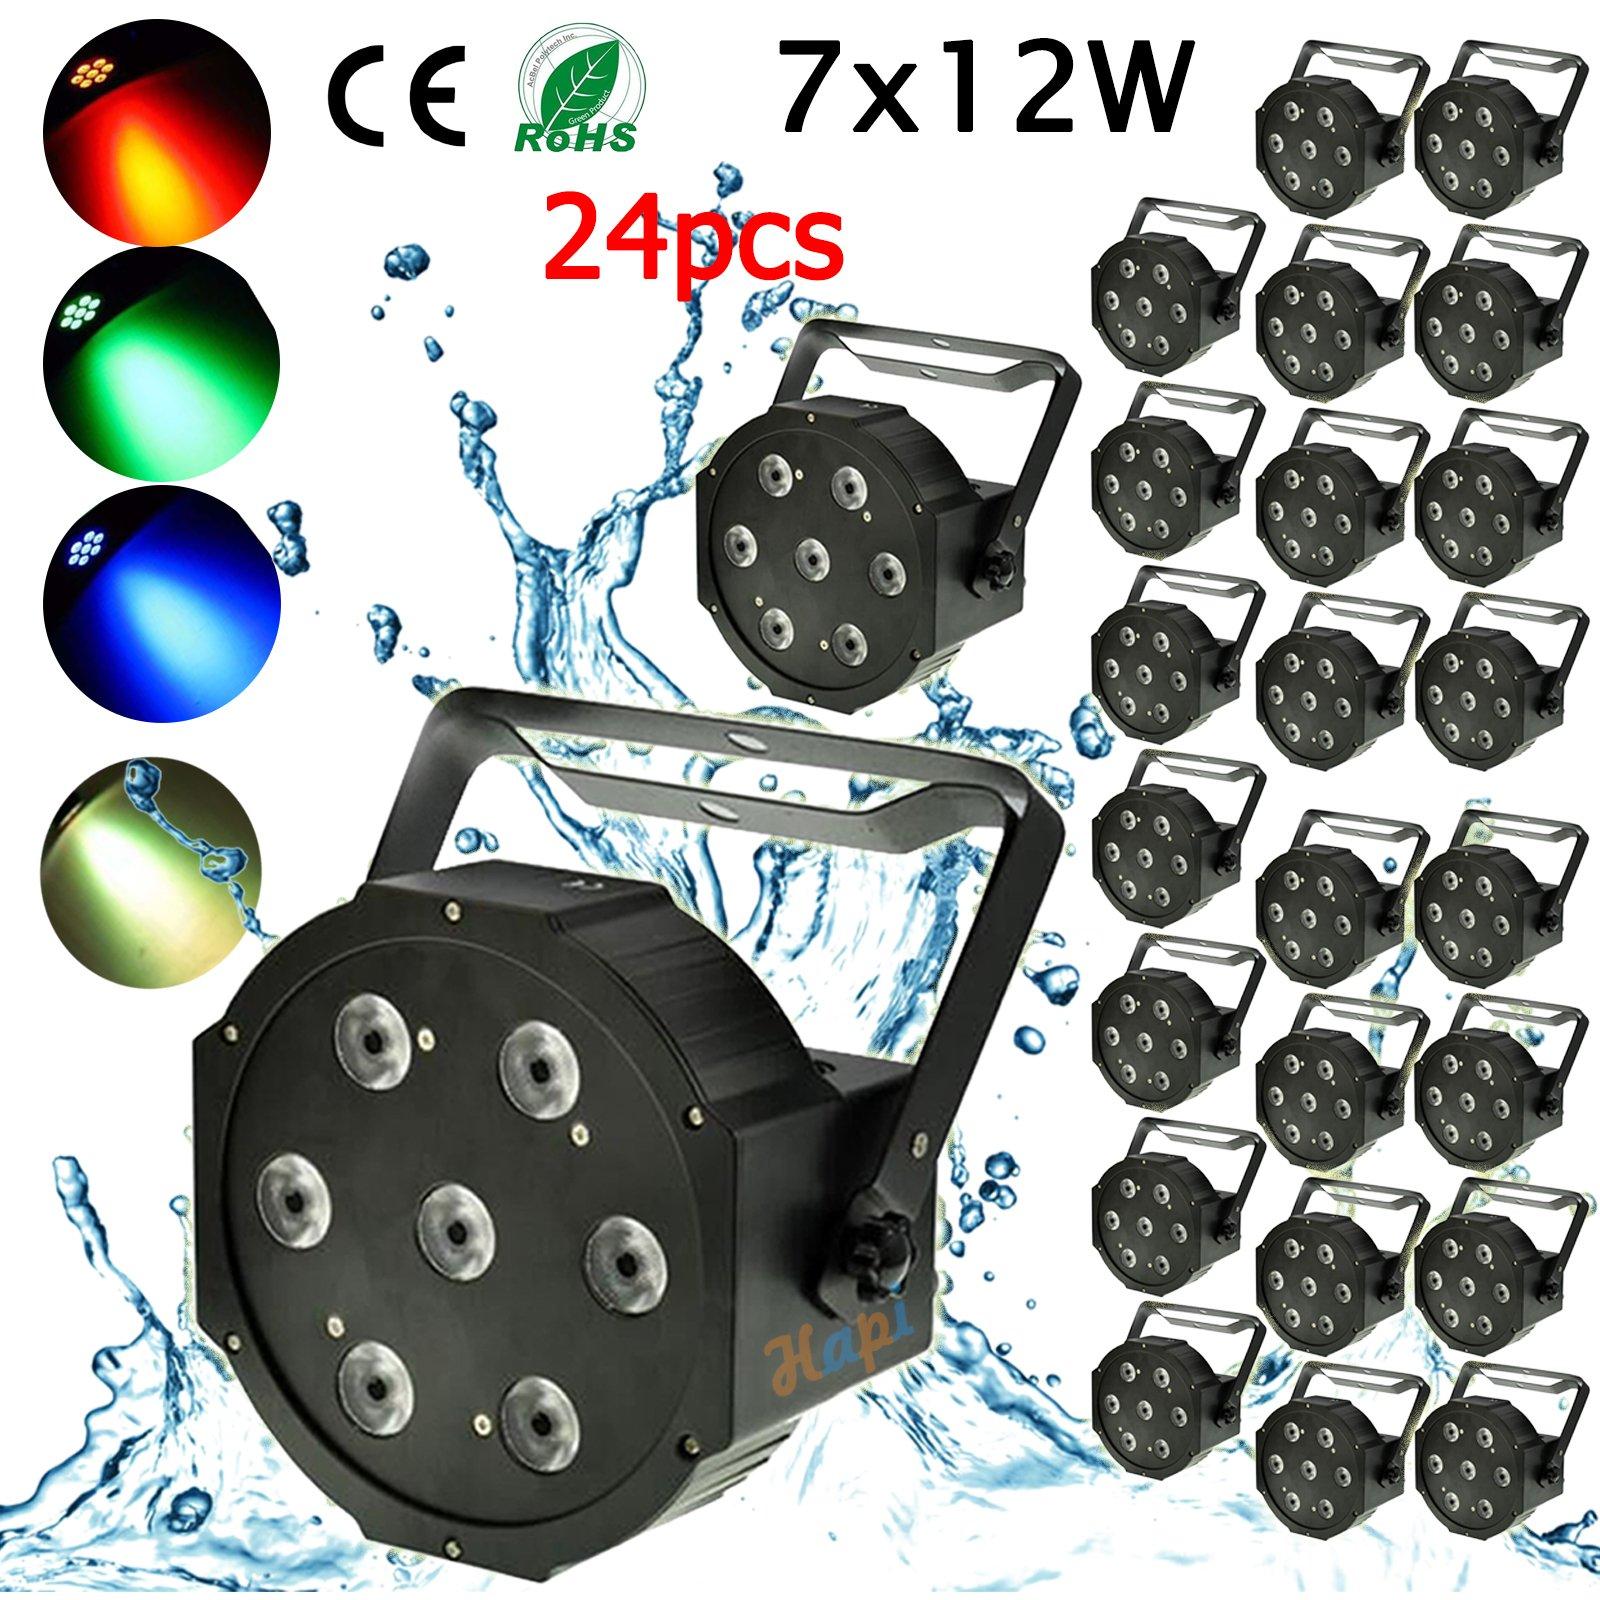 24PCS 7X12W DMX 512 RGBW 4IN1 LED PAR LIGHT PAR64 CAN FLAT 84W FOR STAGE KTV Item NO 24pcs 7*12w par light  sc 1 st  gbar led light bar & US$ 363.5 - 24PCS 7X12W DMX 512 RGBW 4IN1 LED PAR LIGHT PAR64 CAN ... azcodes.com